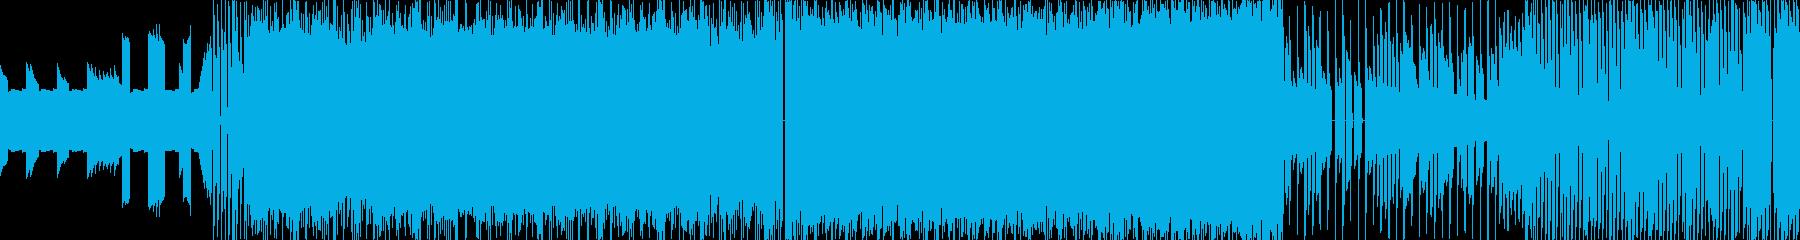 ボス戦8bitファミコンBGMループ仕様の再生済みの波形